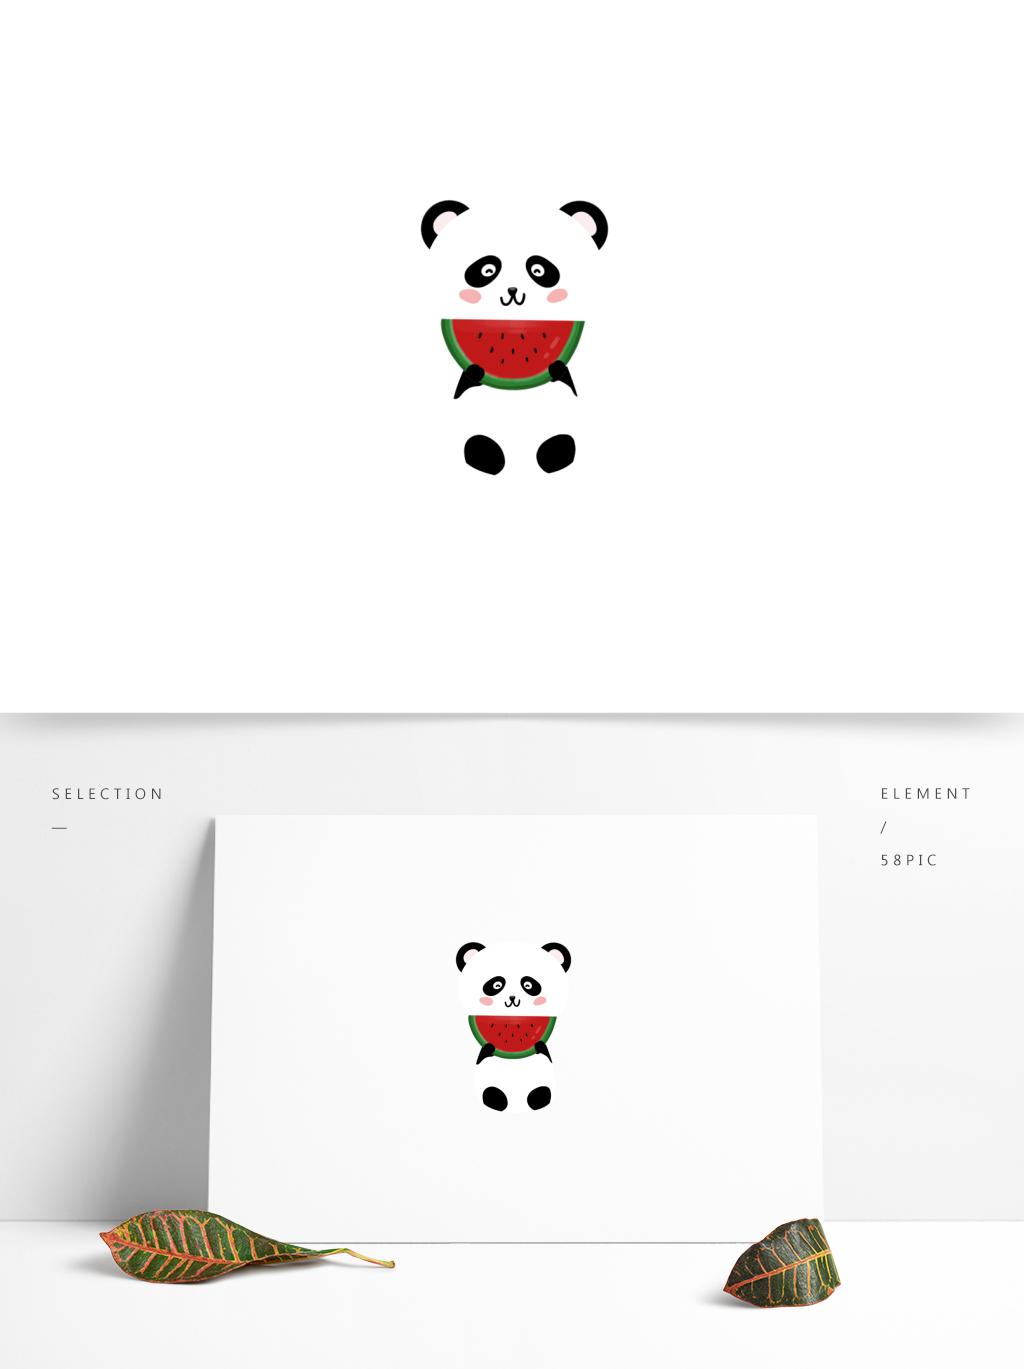 卡通吃瓜熊猫动物手绘元素